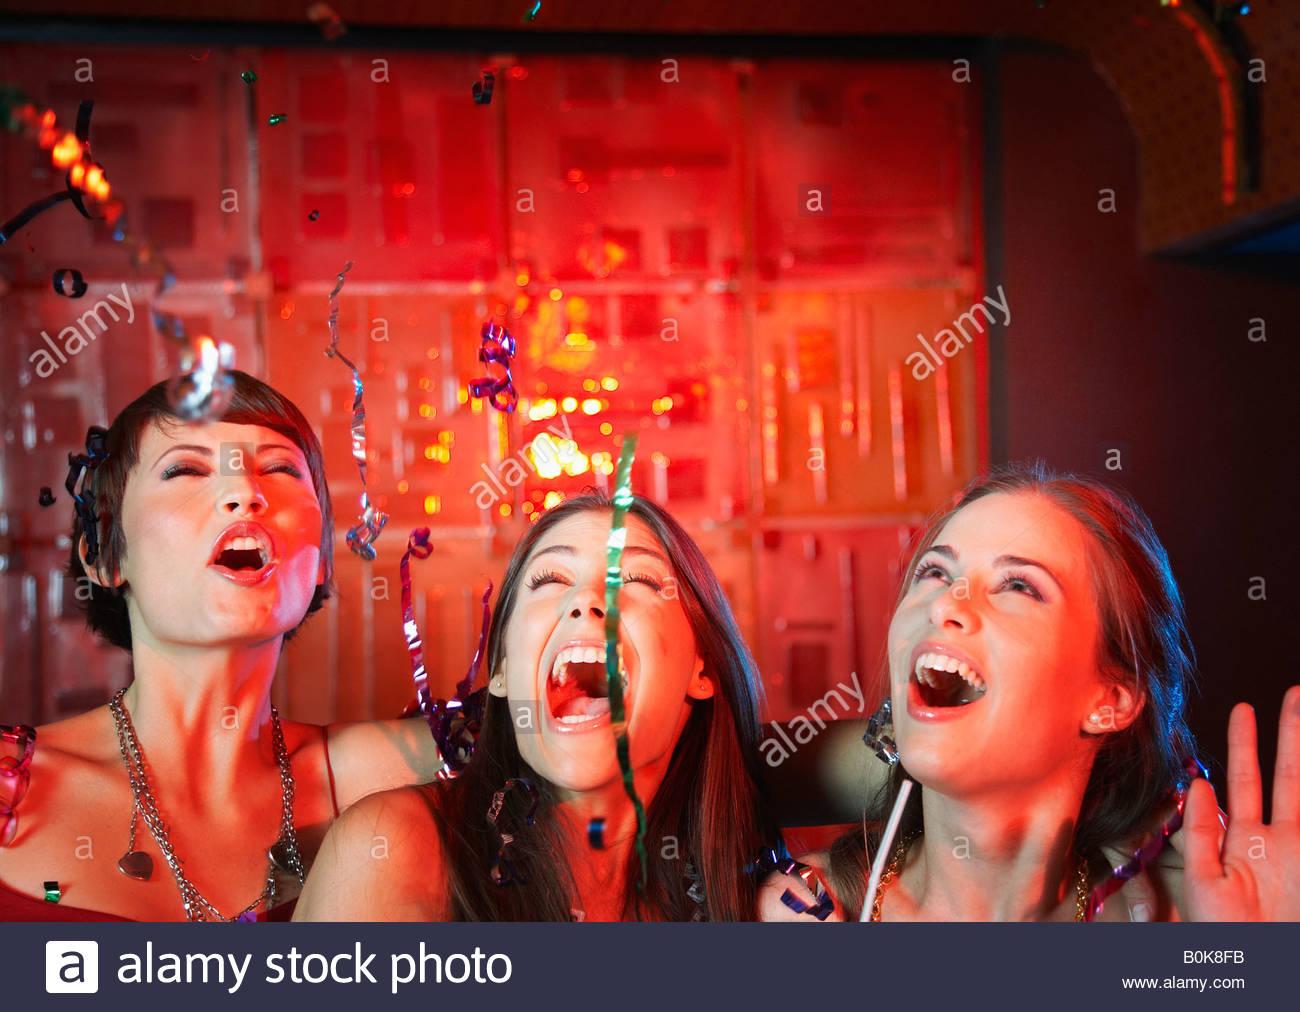 Tres mujeres en una discoteca bebiendo y riendo Foto de stock